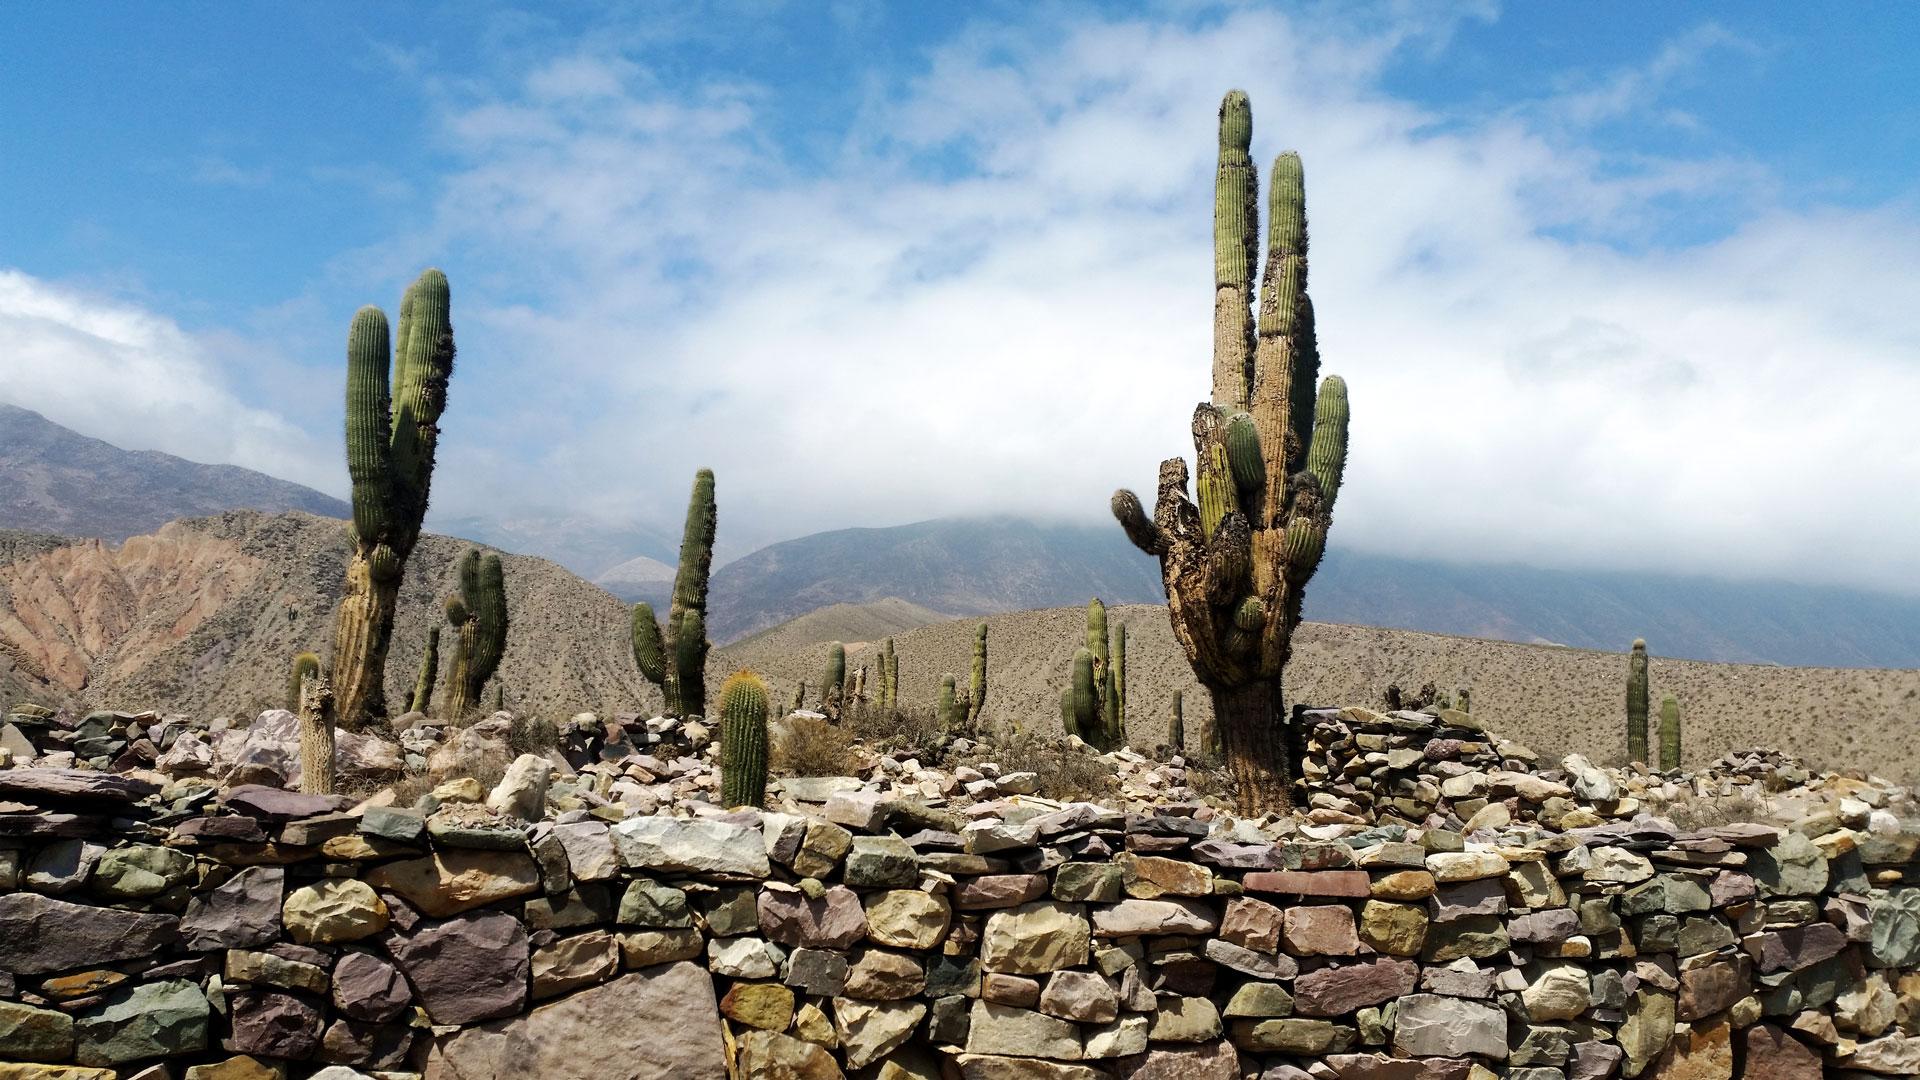 Old, big cactus are everywhere around. Photo by Ovidiu Balaj